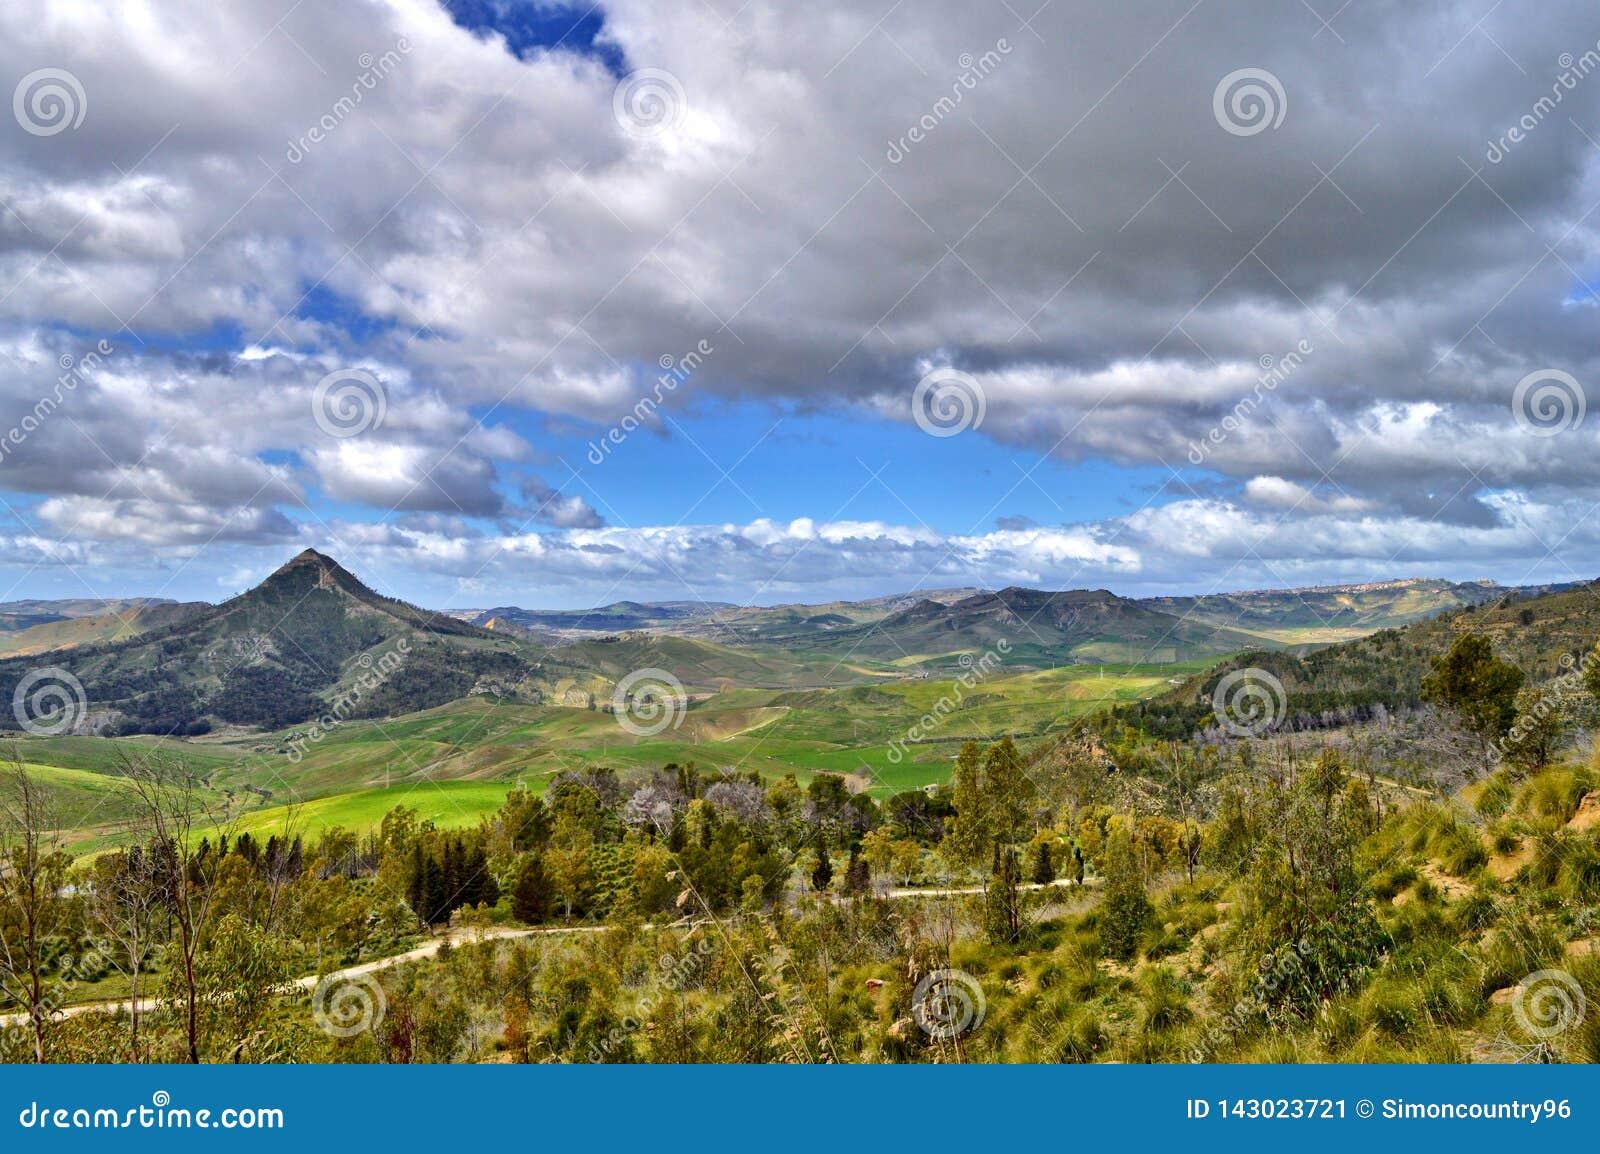 Mooi Siciliaans Landschap met Monte Formaggio in de Voorgrond, Mazzarino, Caltanissetta, Italië, Europa